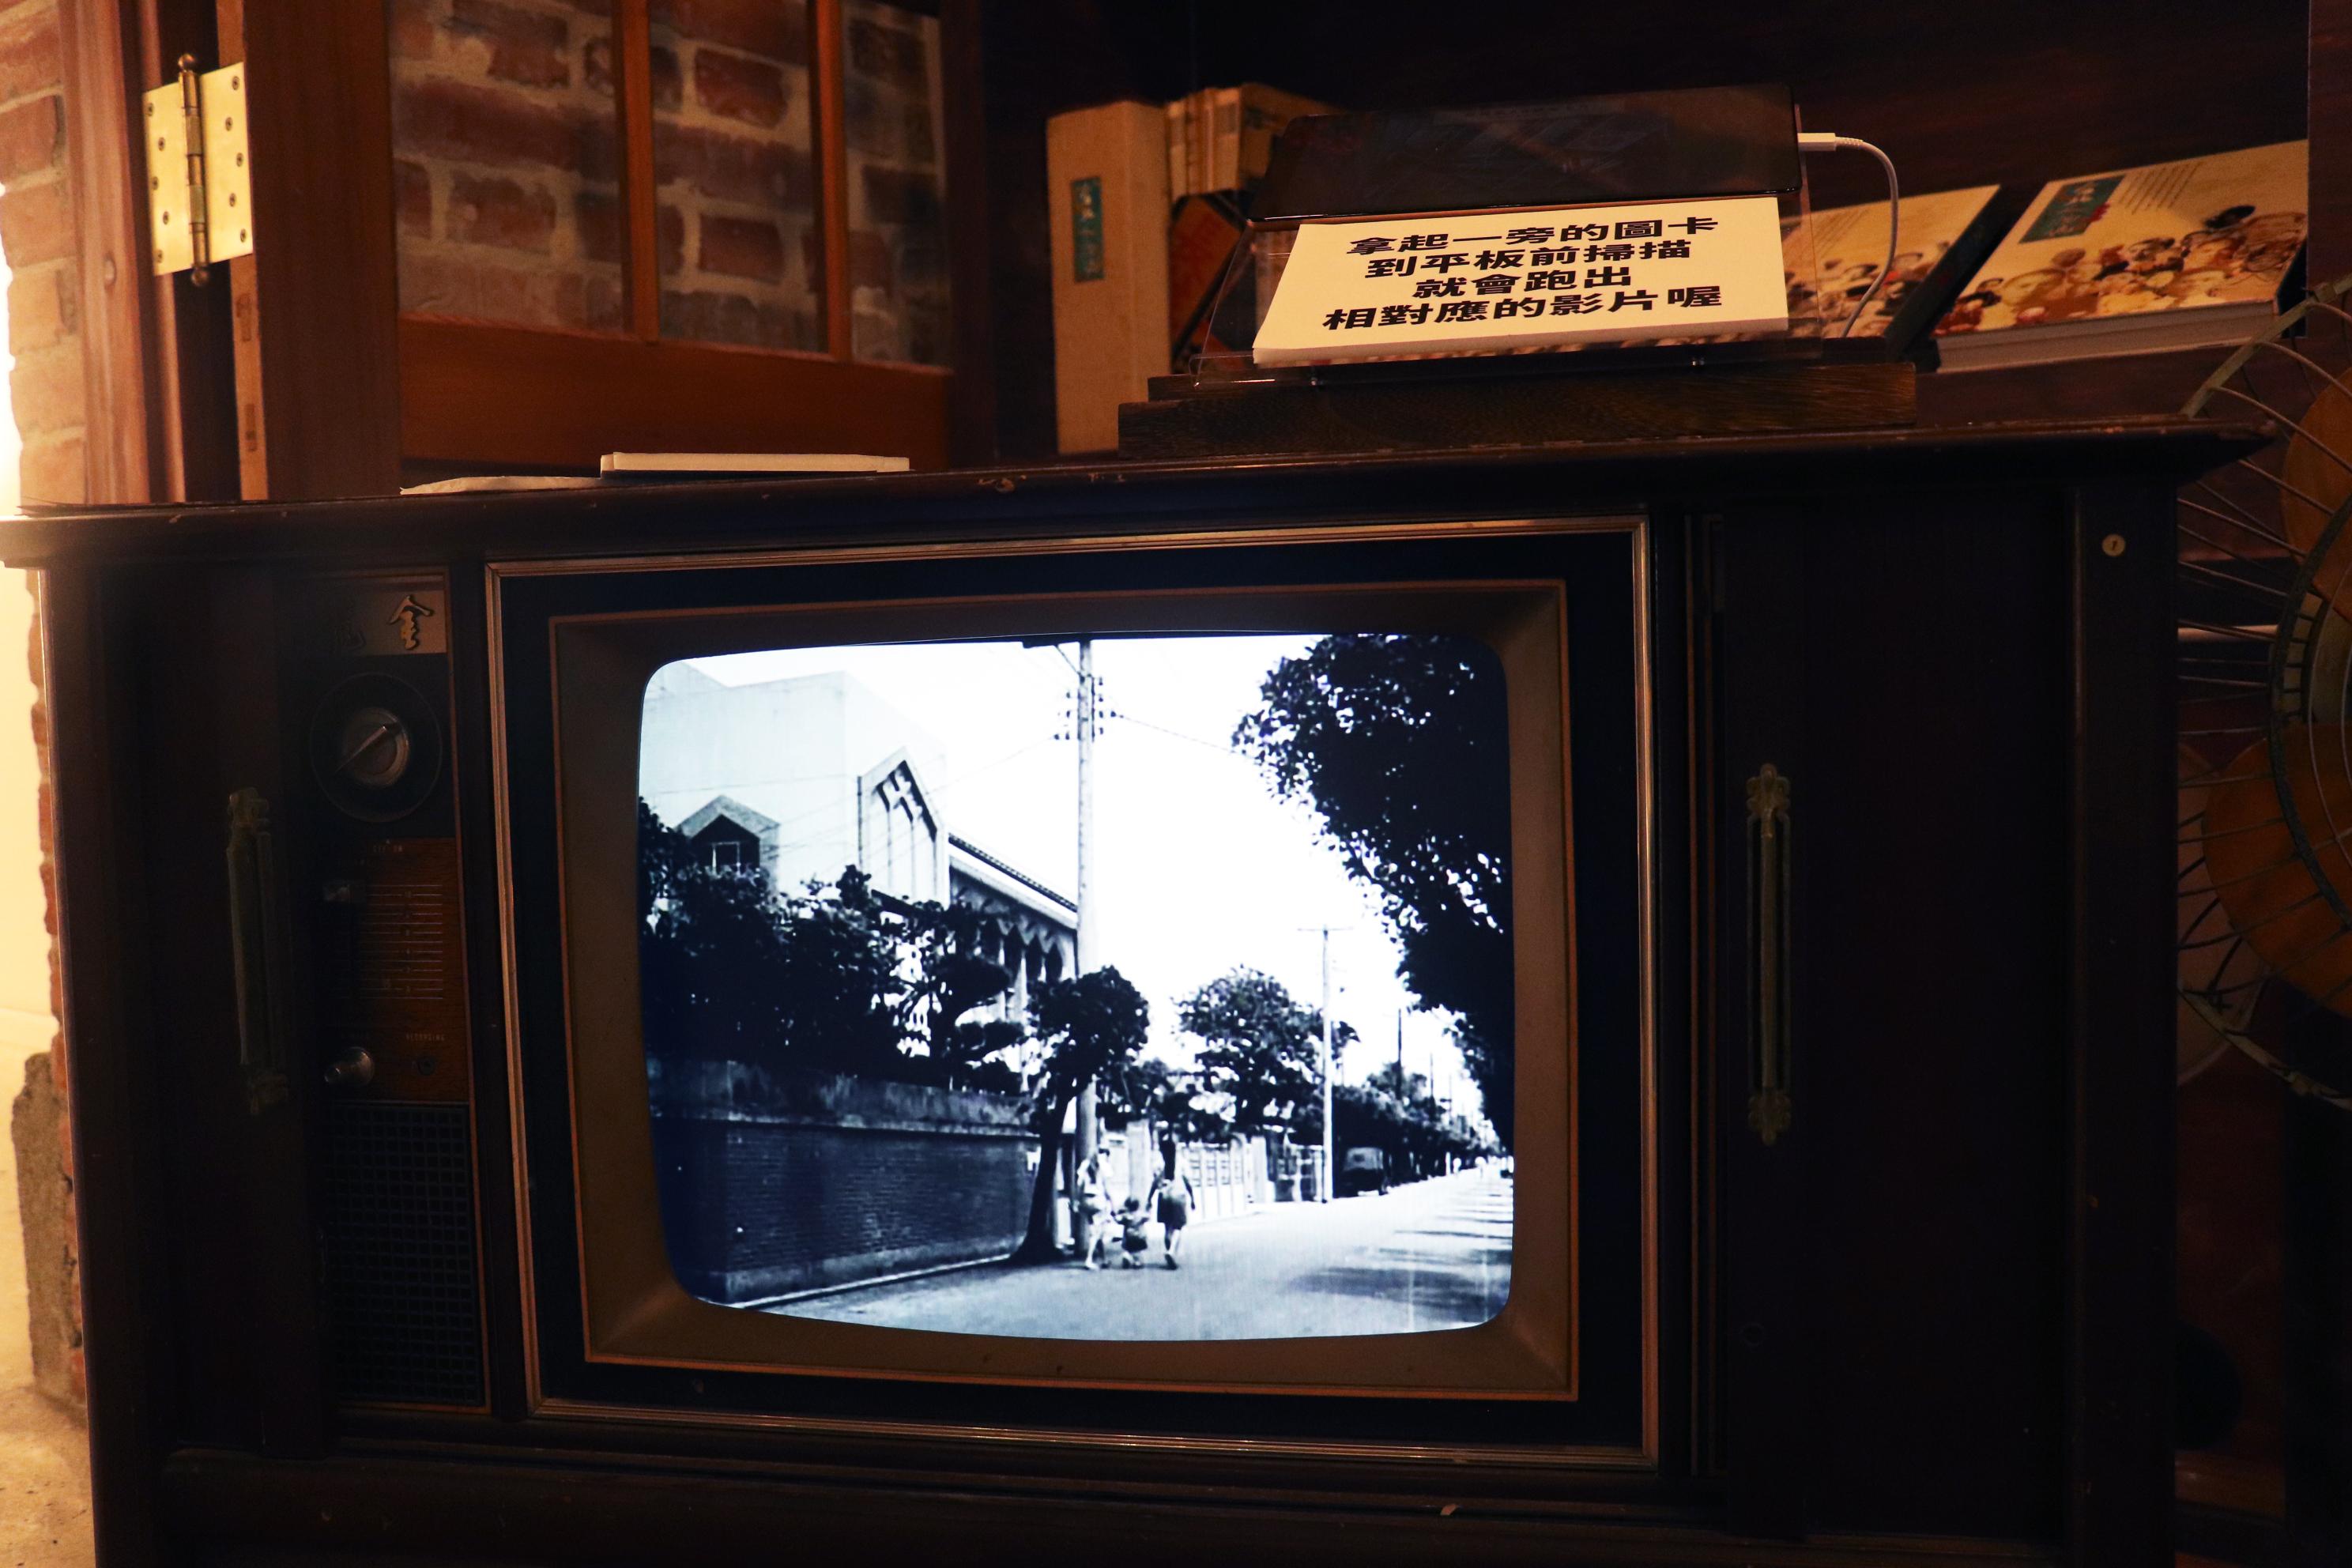 仿舊電視播放著以前的黑白影片。